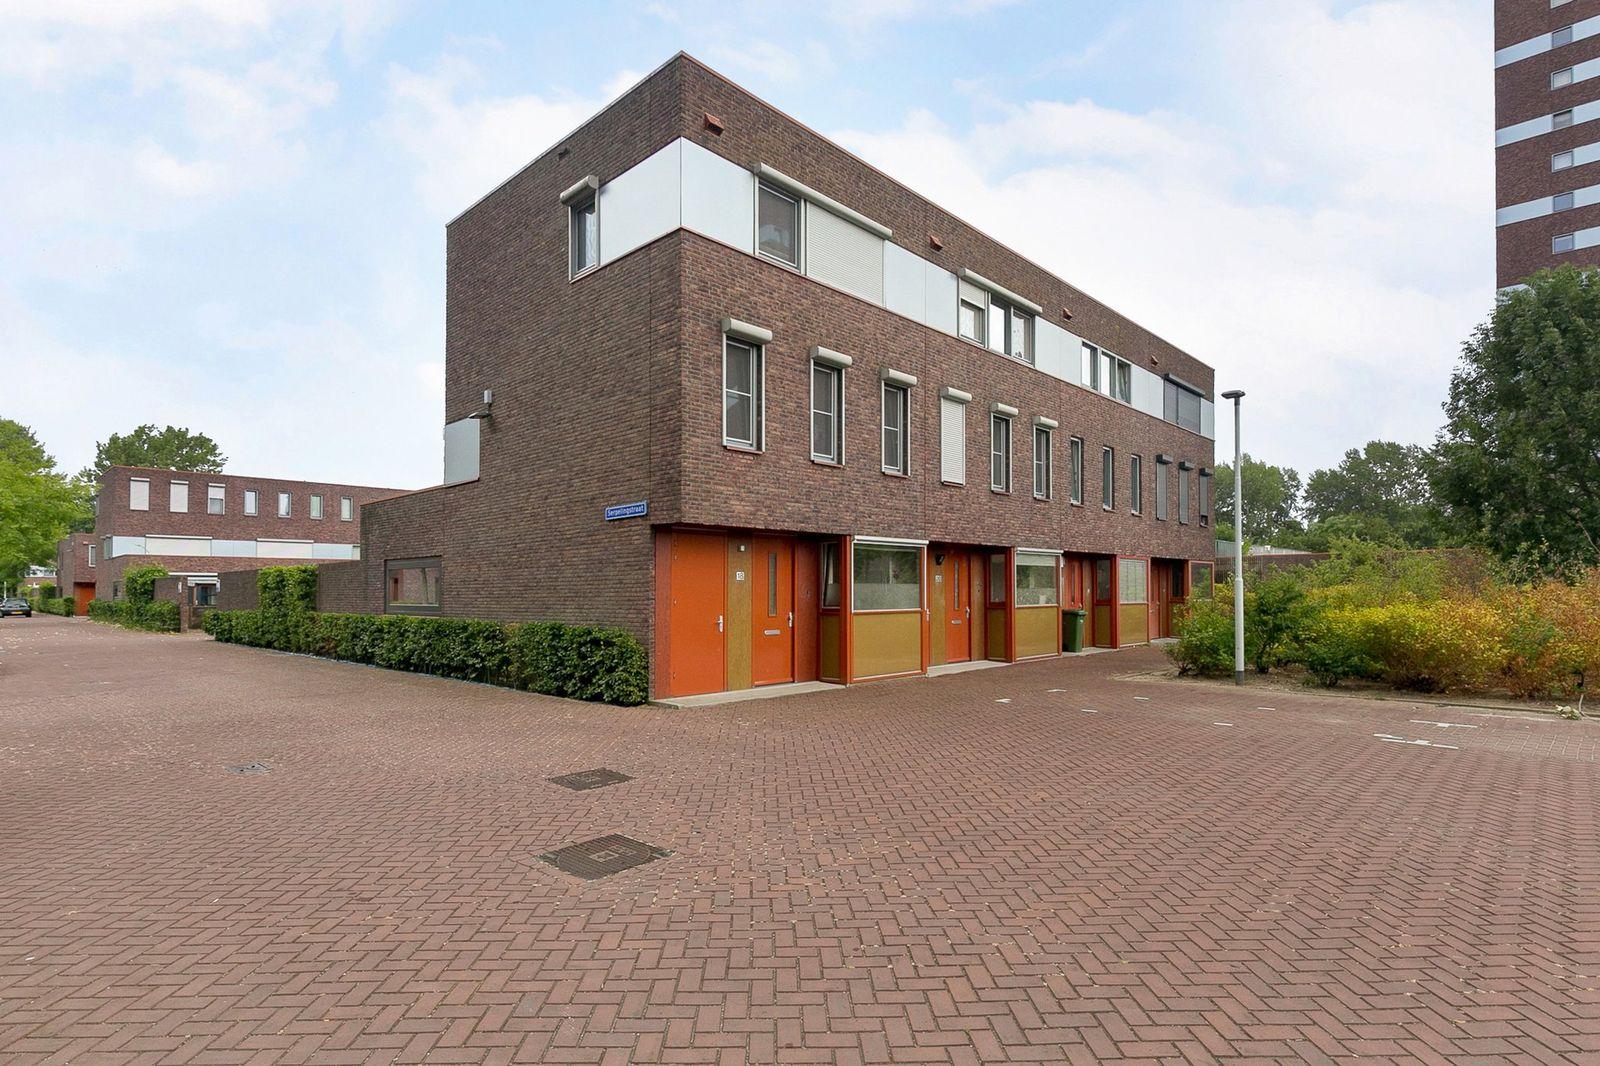 Serpelingstraat 18, Hoogvliet Rotterdam